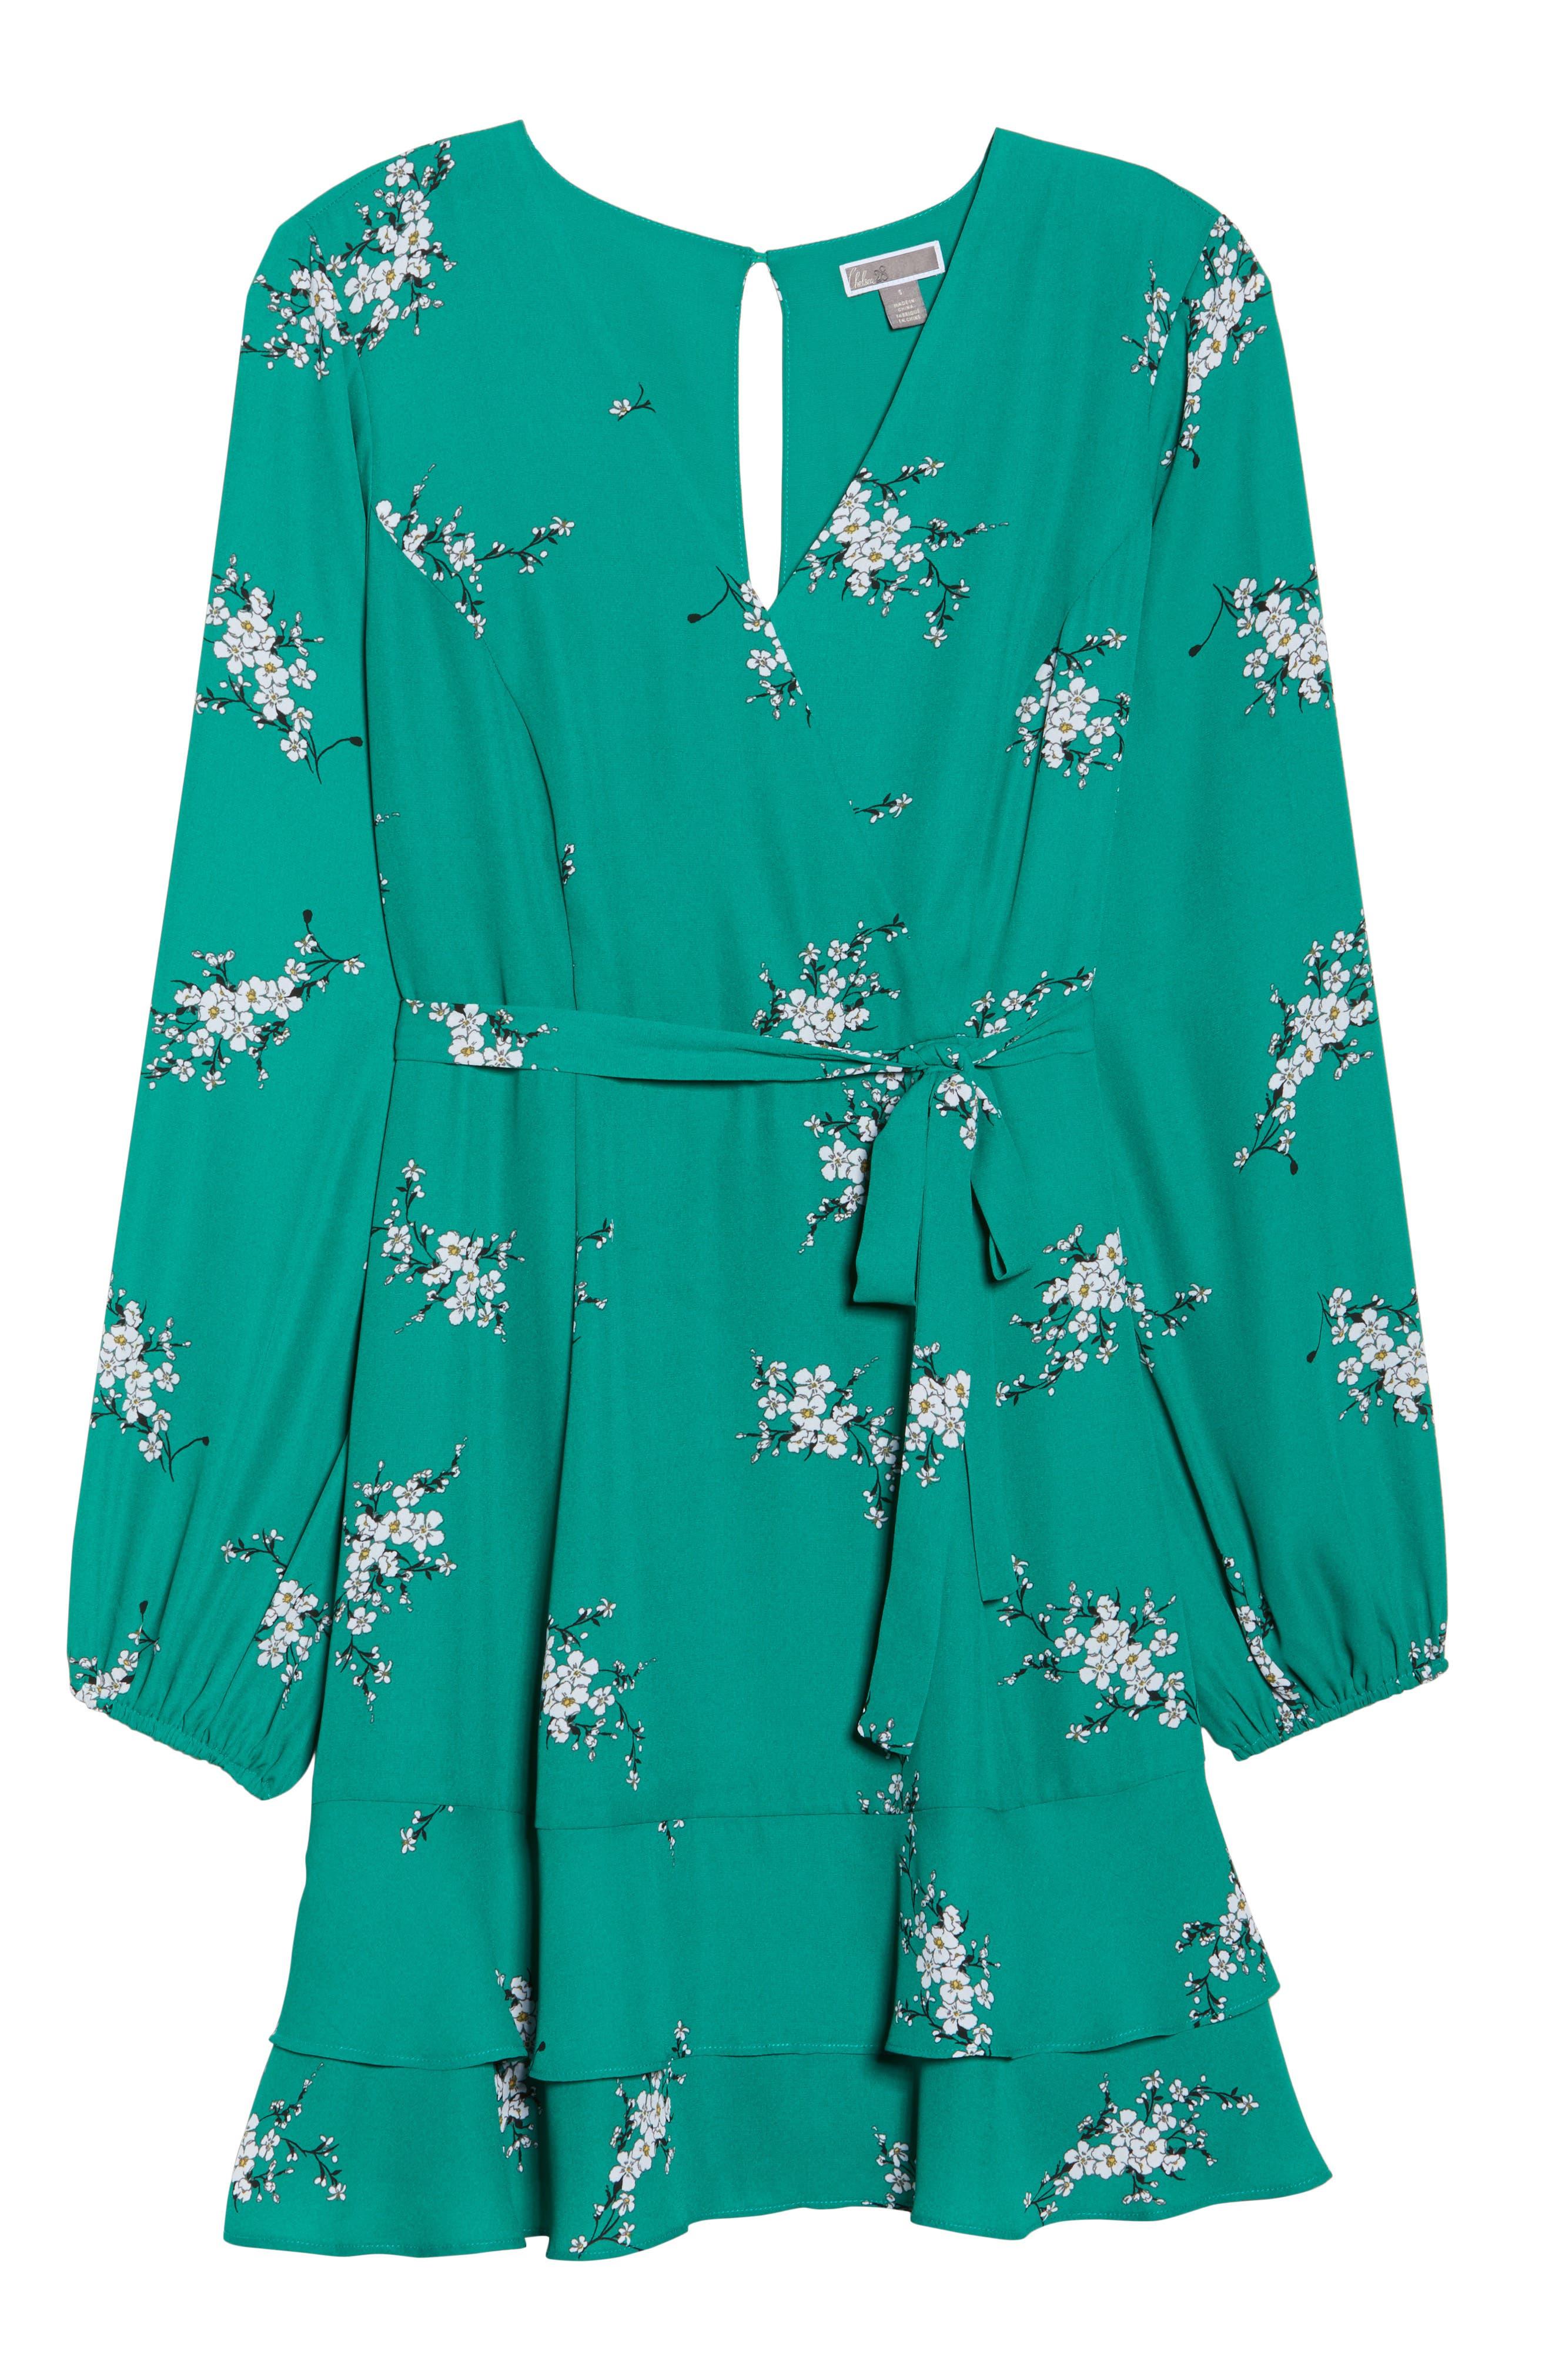 Floral Faux Wrap Dress,                             Alternate thumbnail 6, color,                             Green Branch Floral